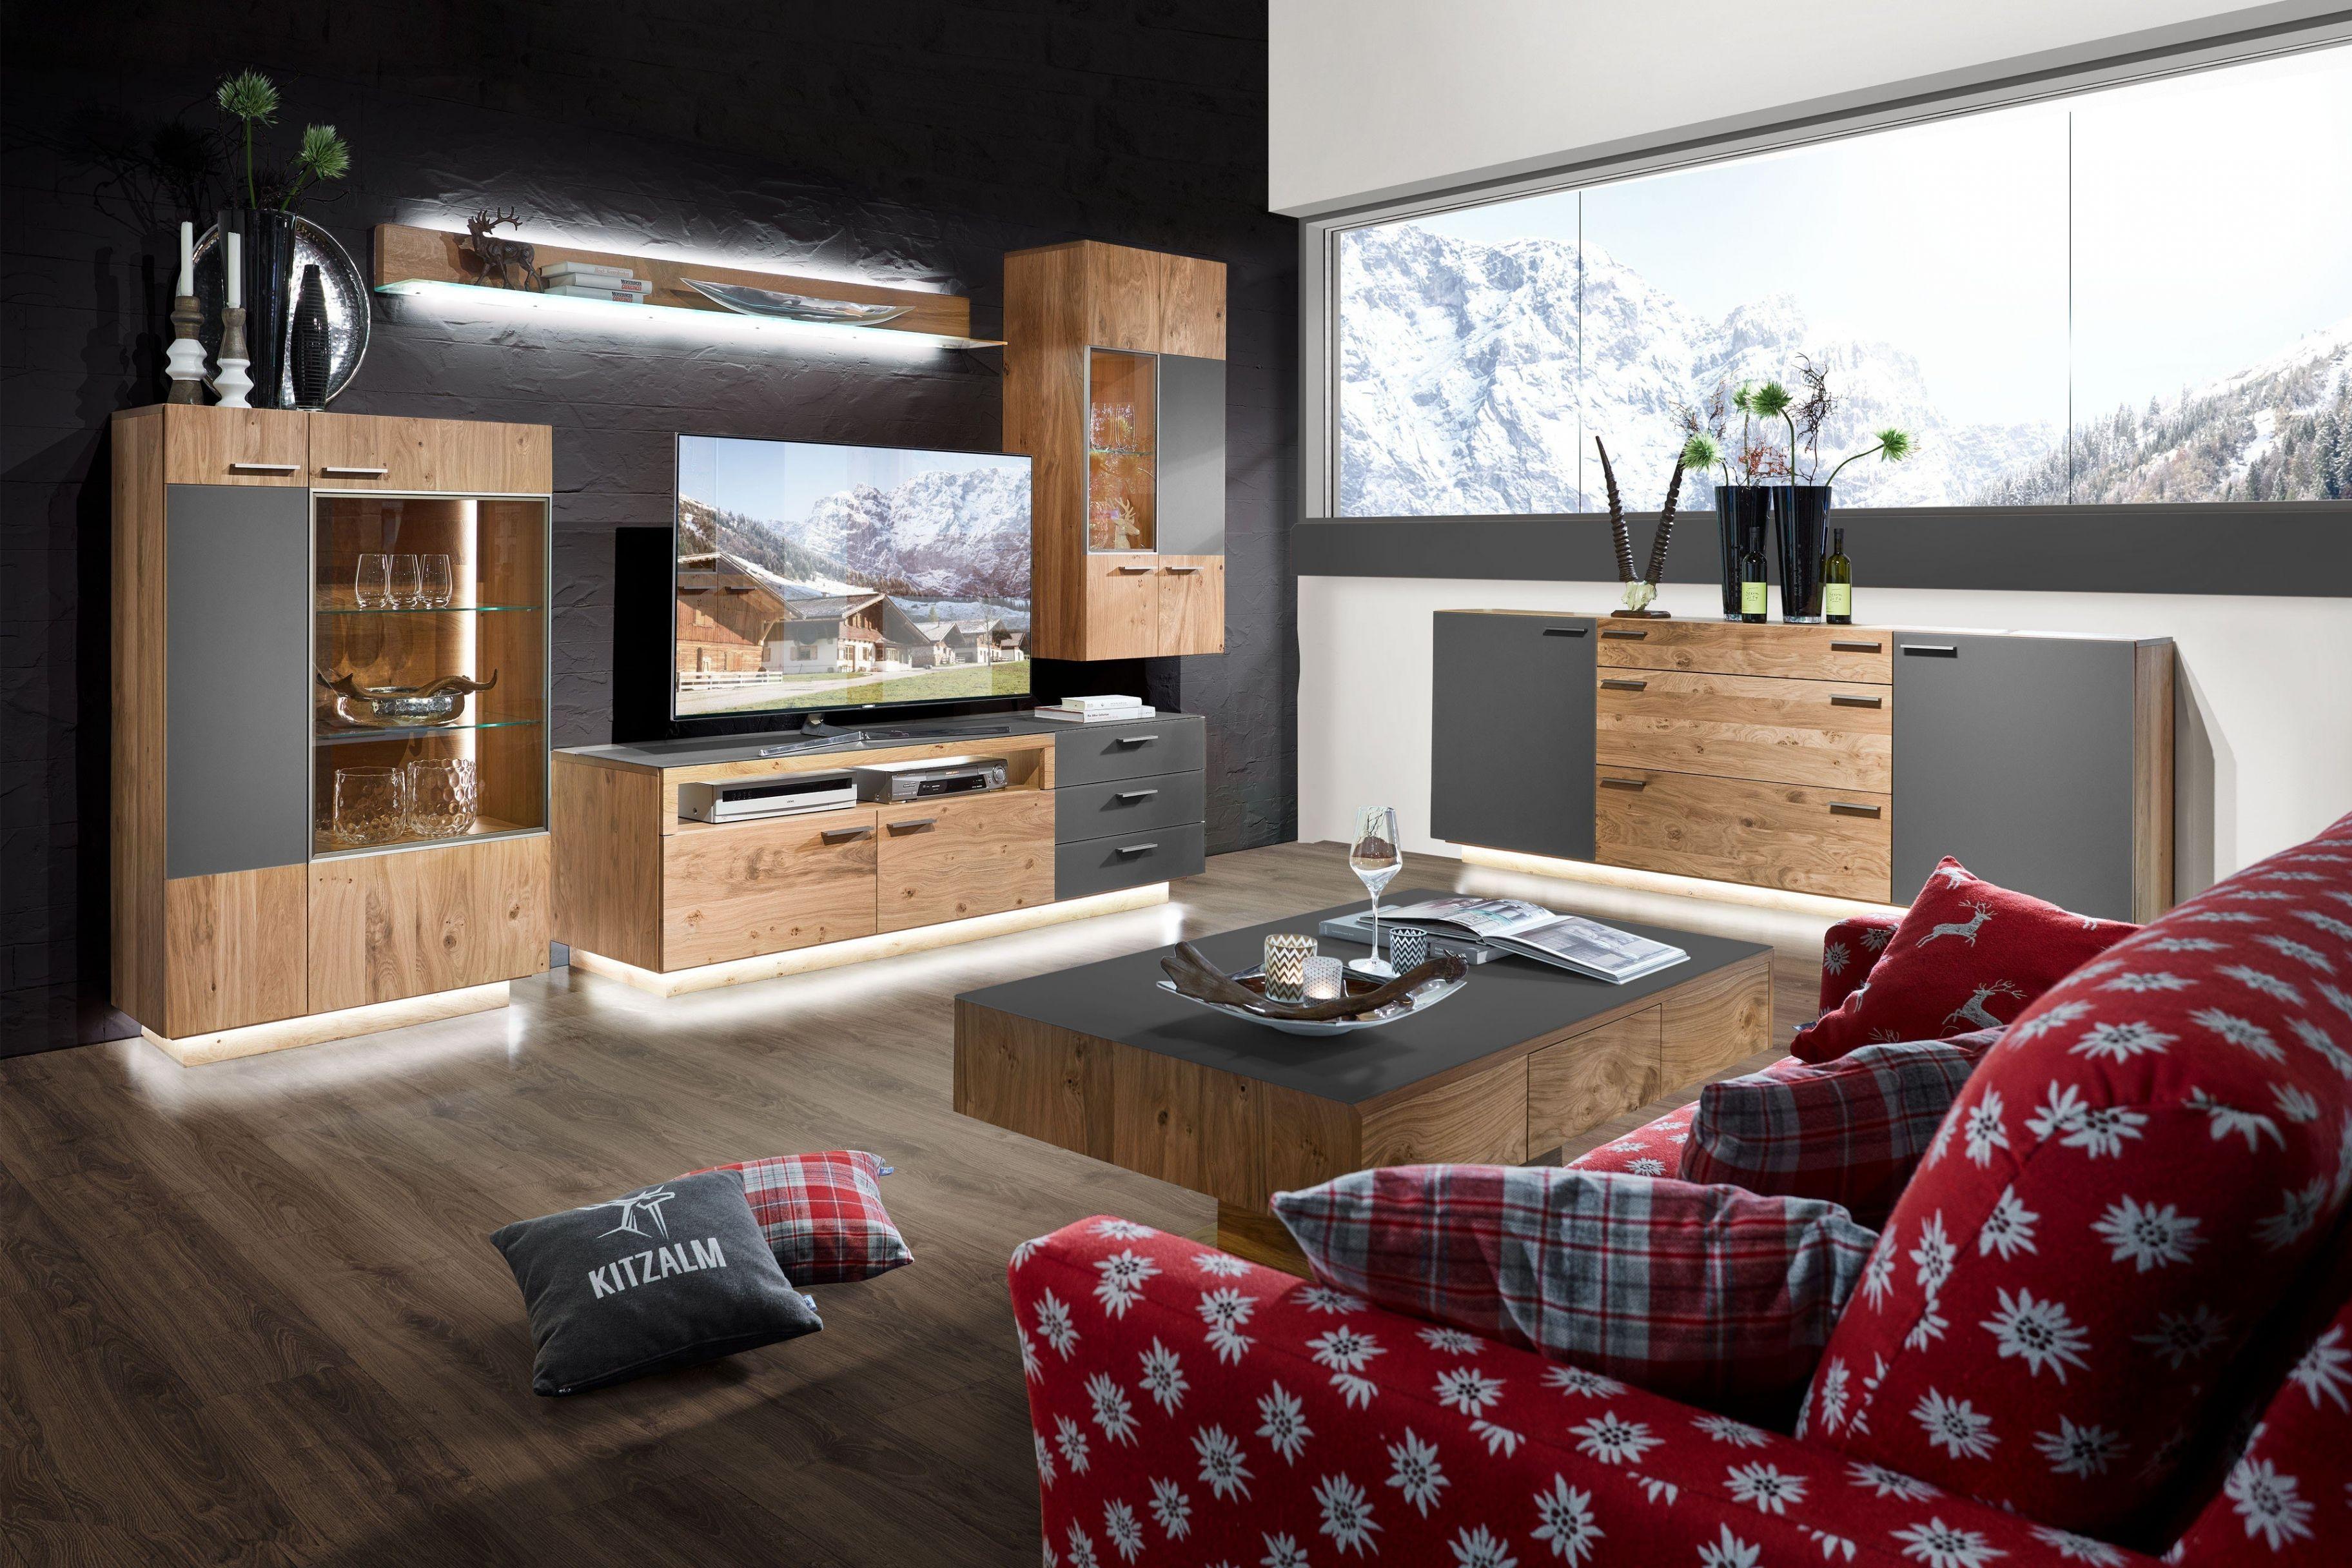 Online Kostenlos Planen Planen Und Einrichten With Online - Wohnzimmer planen online kostenlos